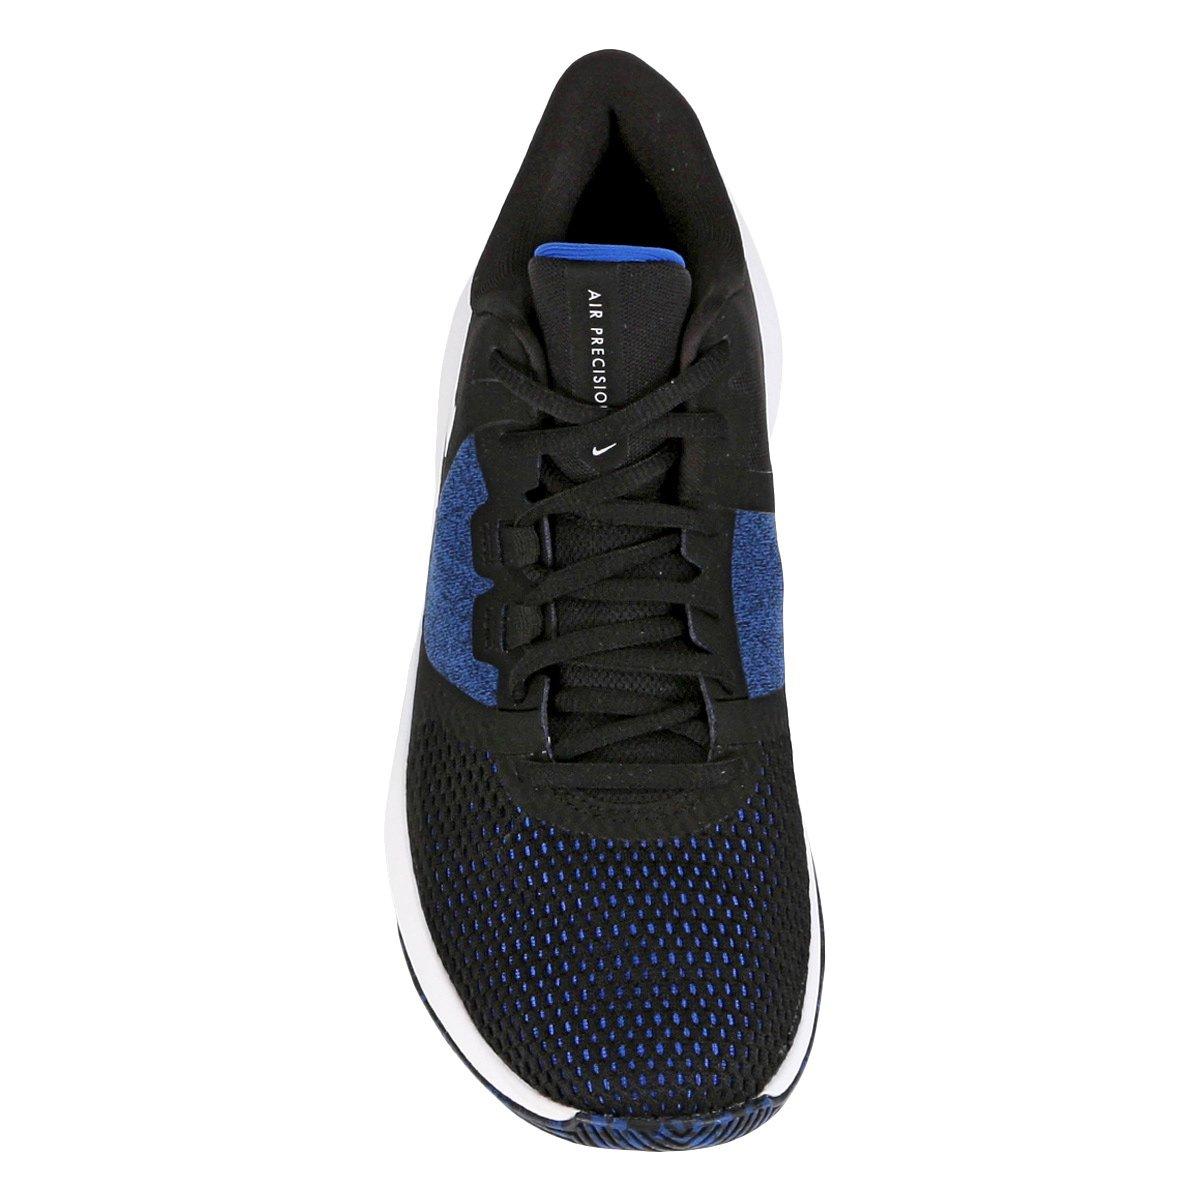 Precision Tênis Tênis e Nike Preto Air Masculino Nike II Air Azul HXwqA6